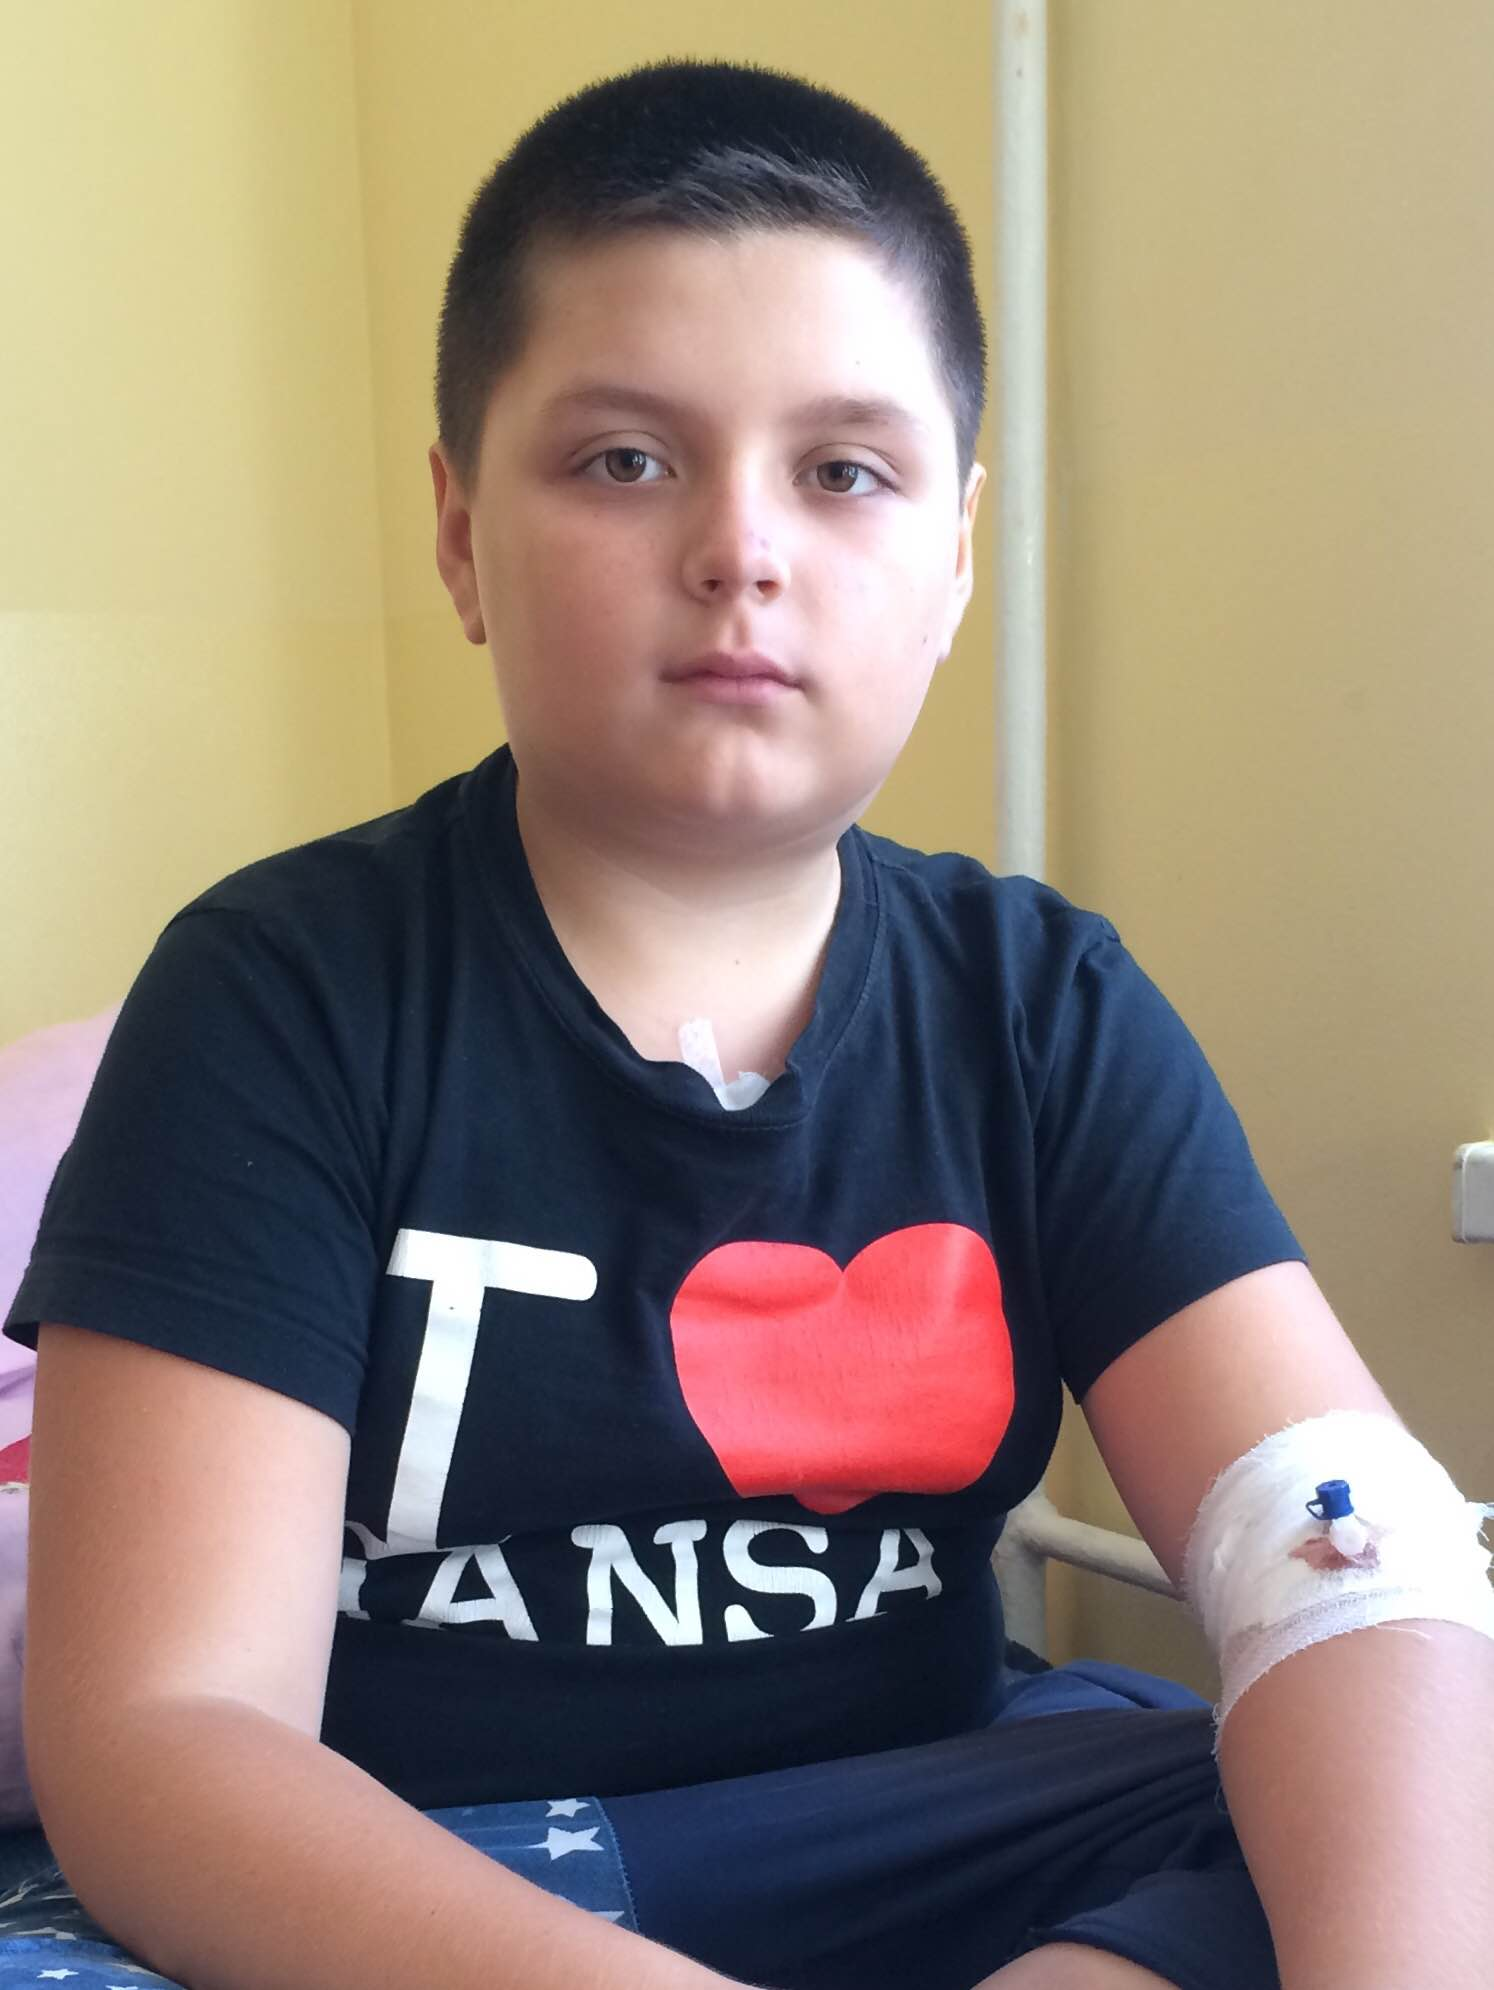 Давайте поможем Стасу Бухалину в борьбе с болезнью!